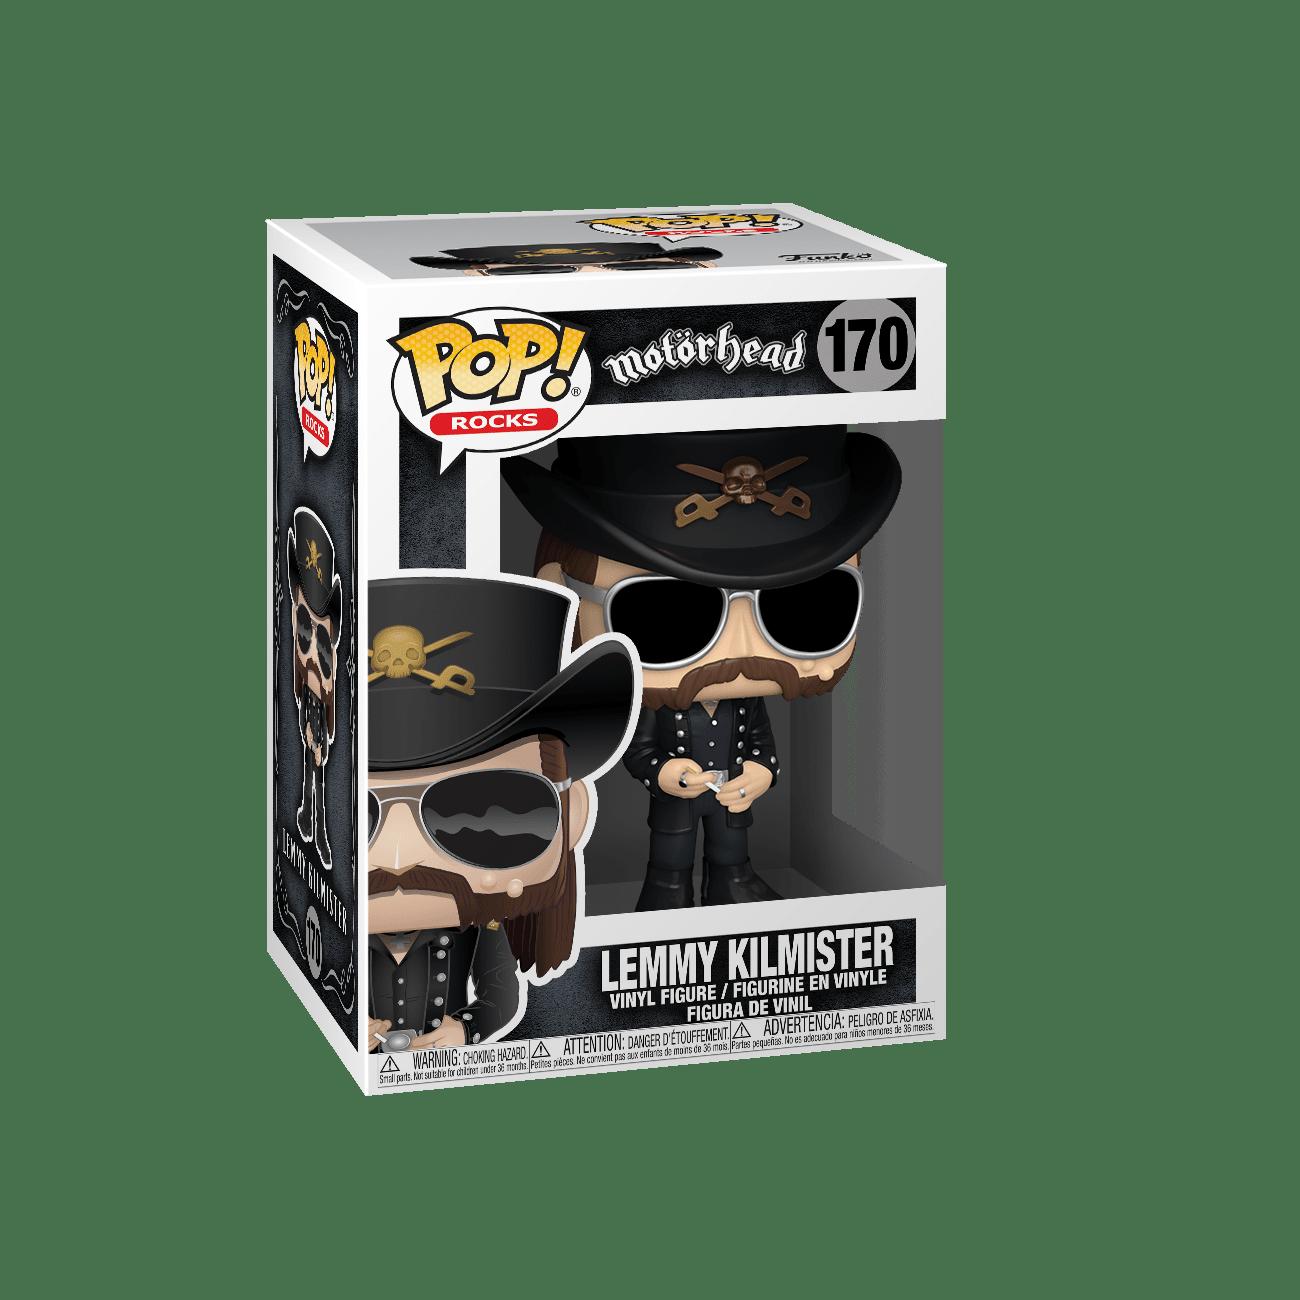 Funko! Pop Rocks Motorhead Lemmy Kilmister #170